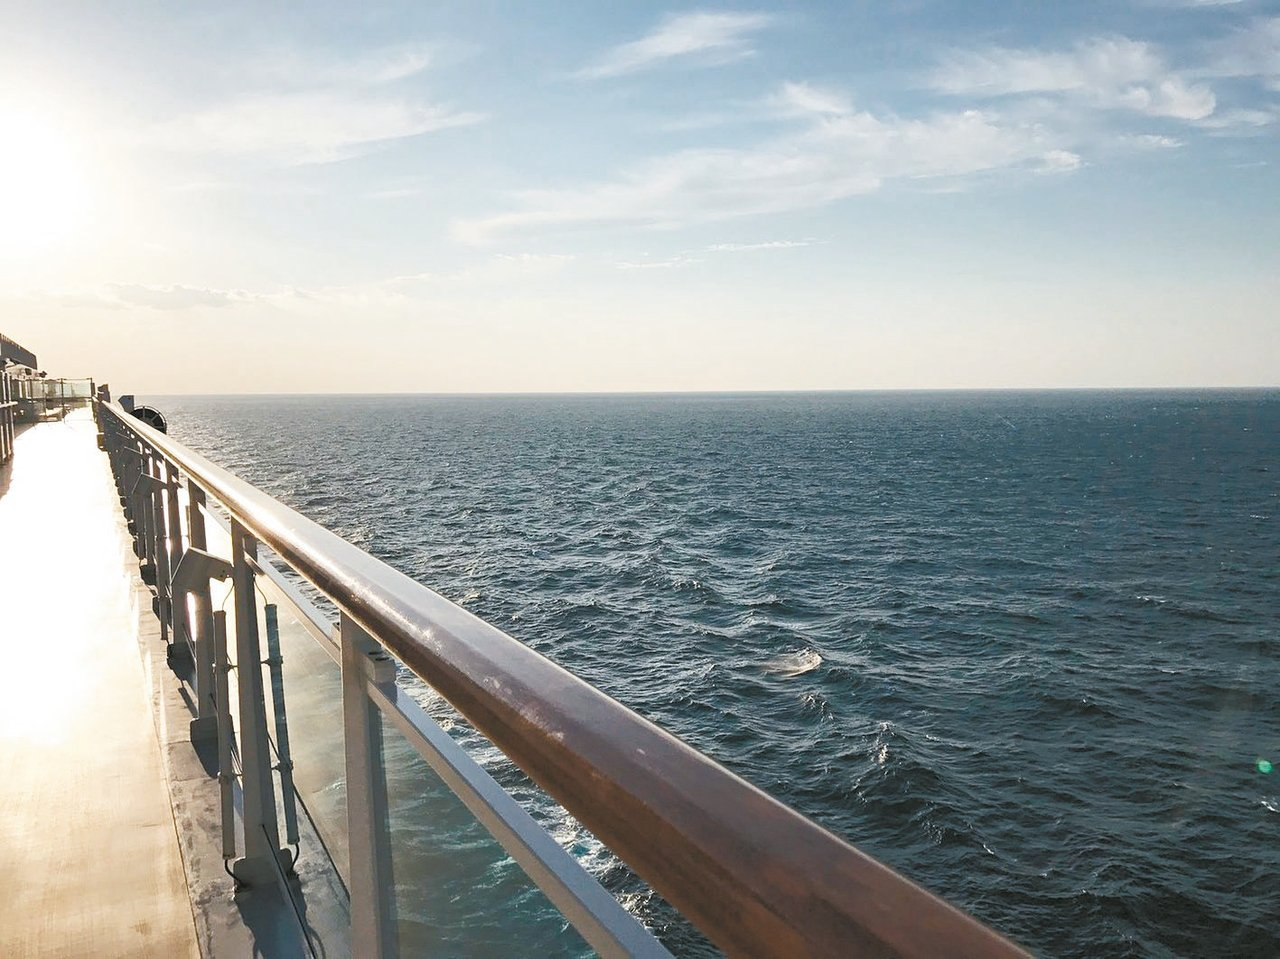 搭郵輪,享受全日航行於海上的悠閒時光。 記者葉卉軒/攝影